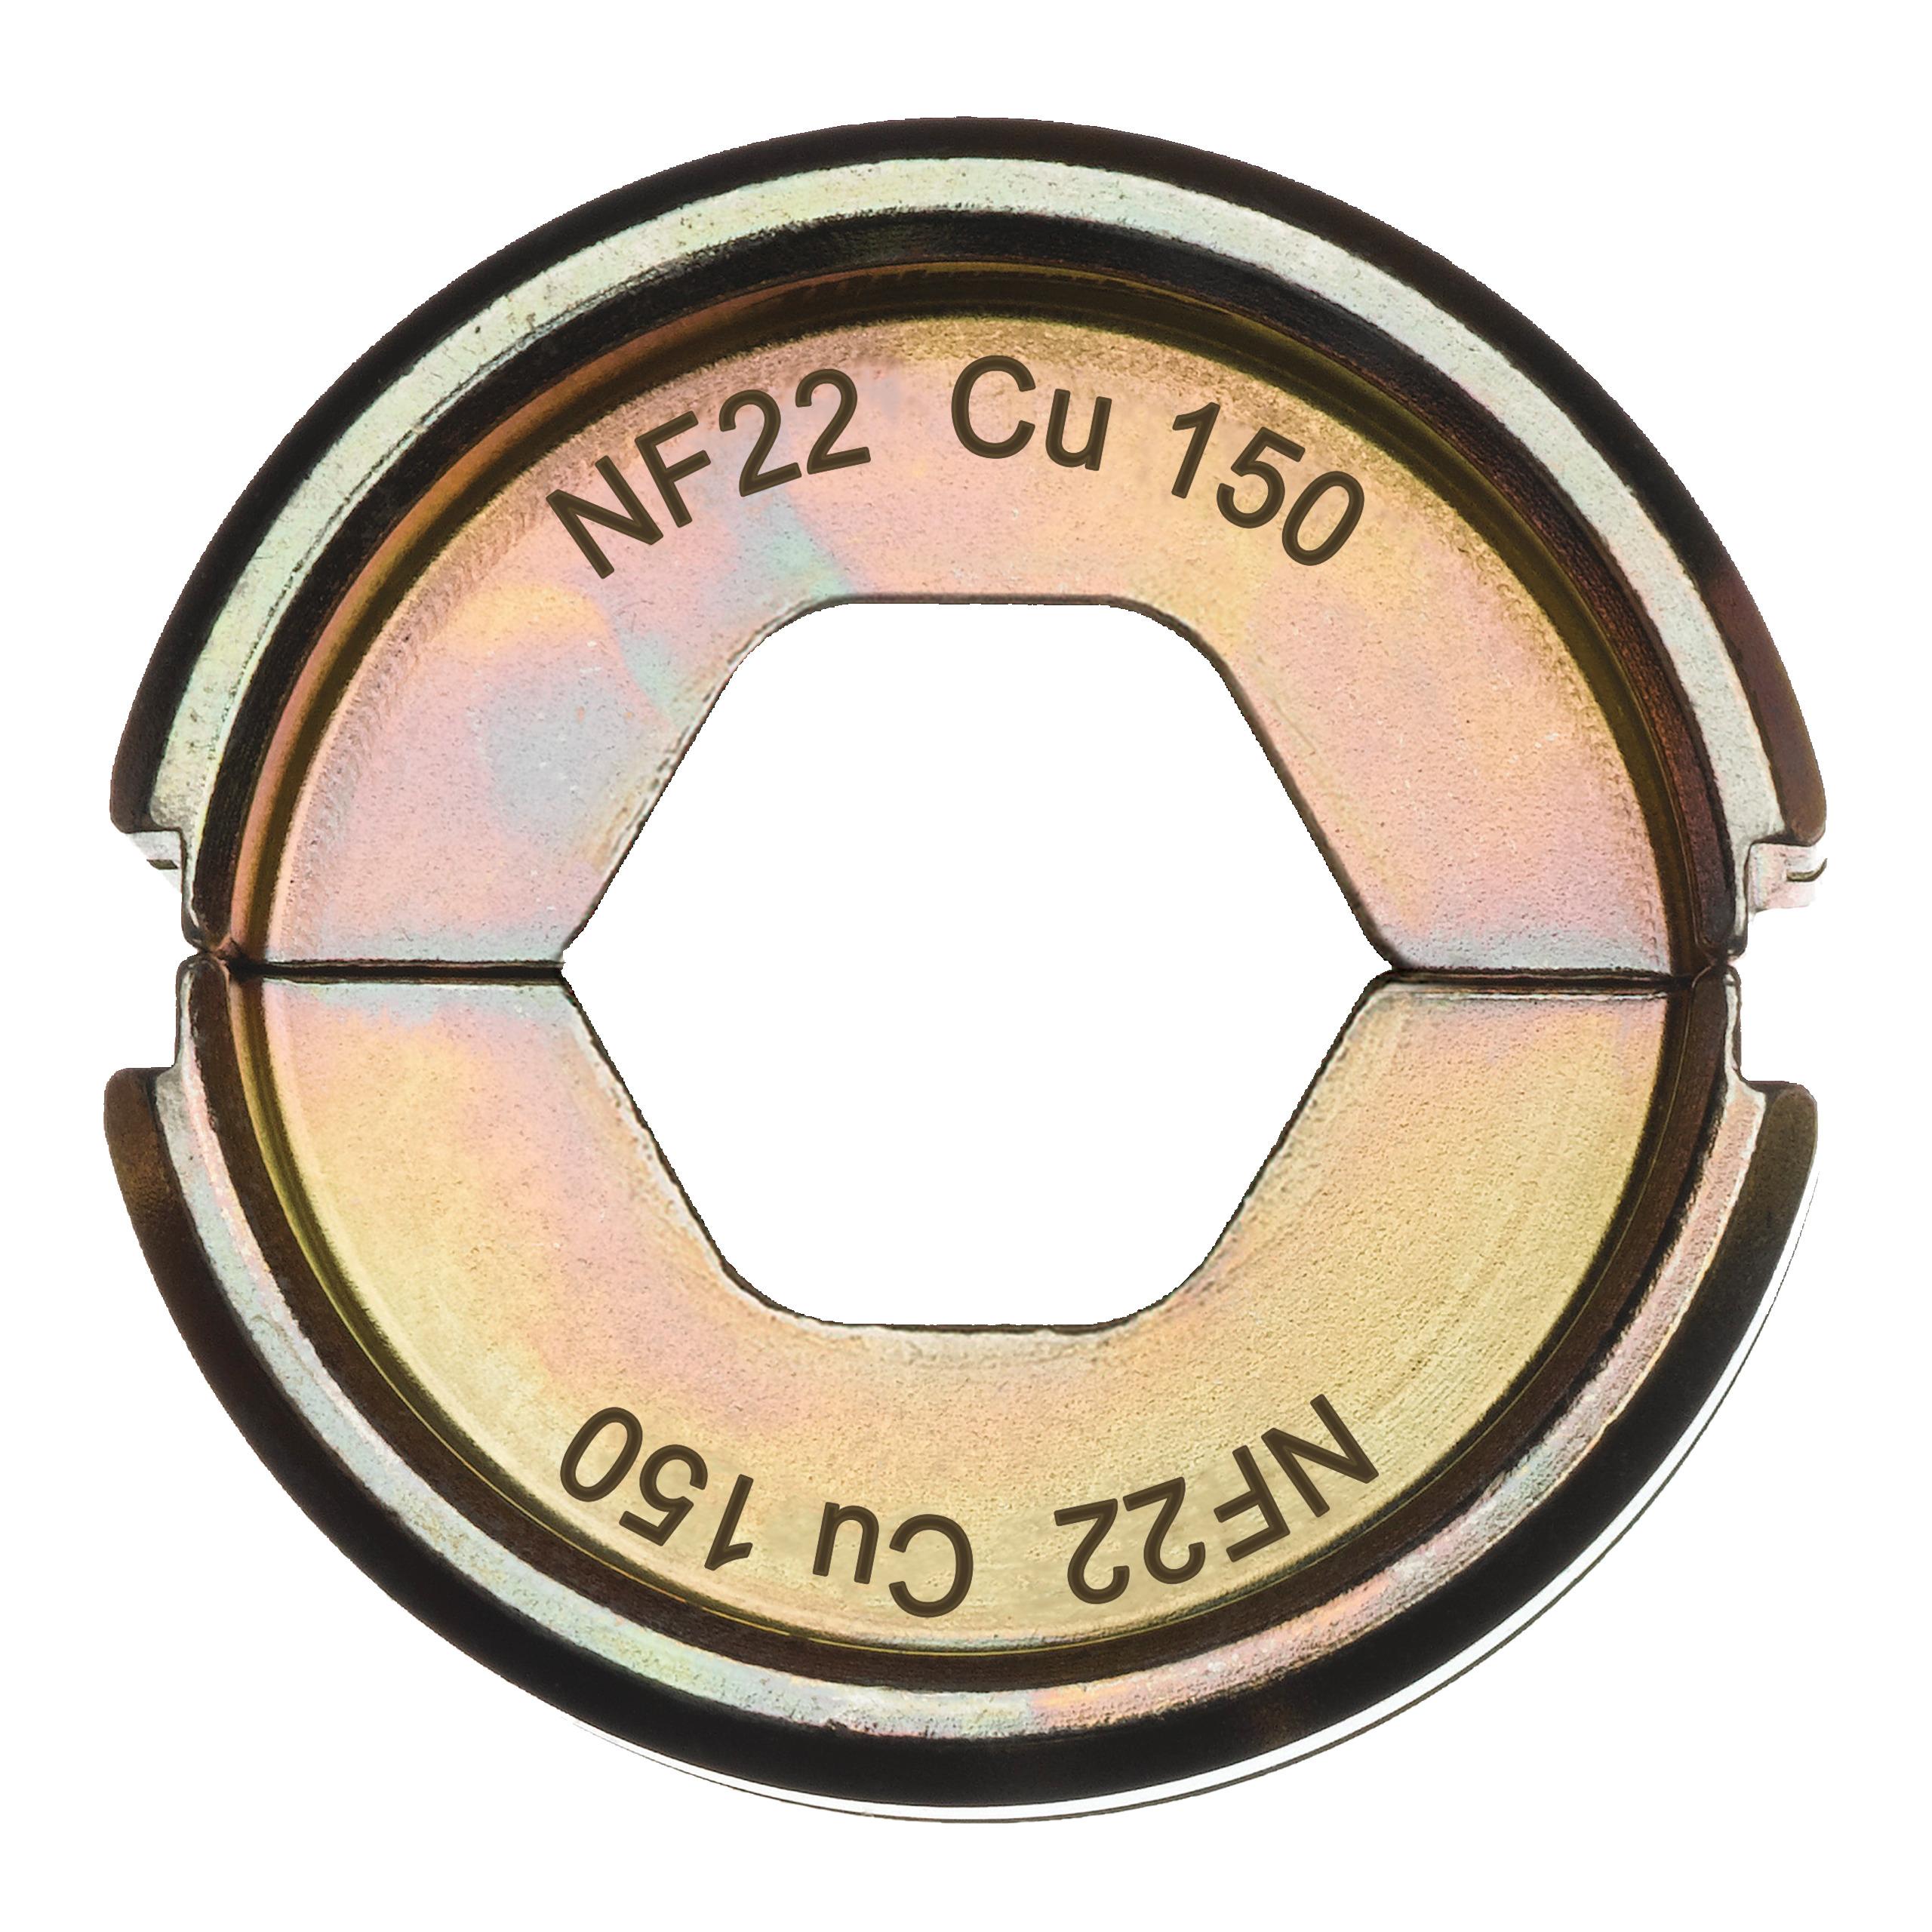 Krimpovací čelisti  NF22 Cu 150